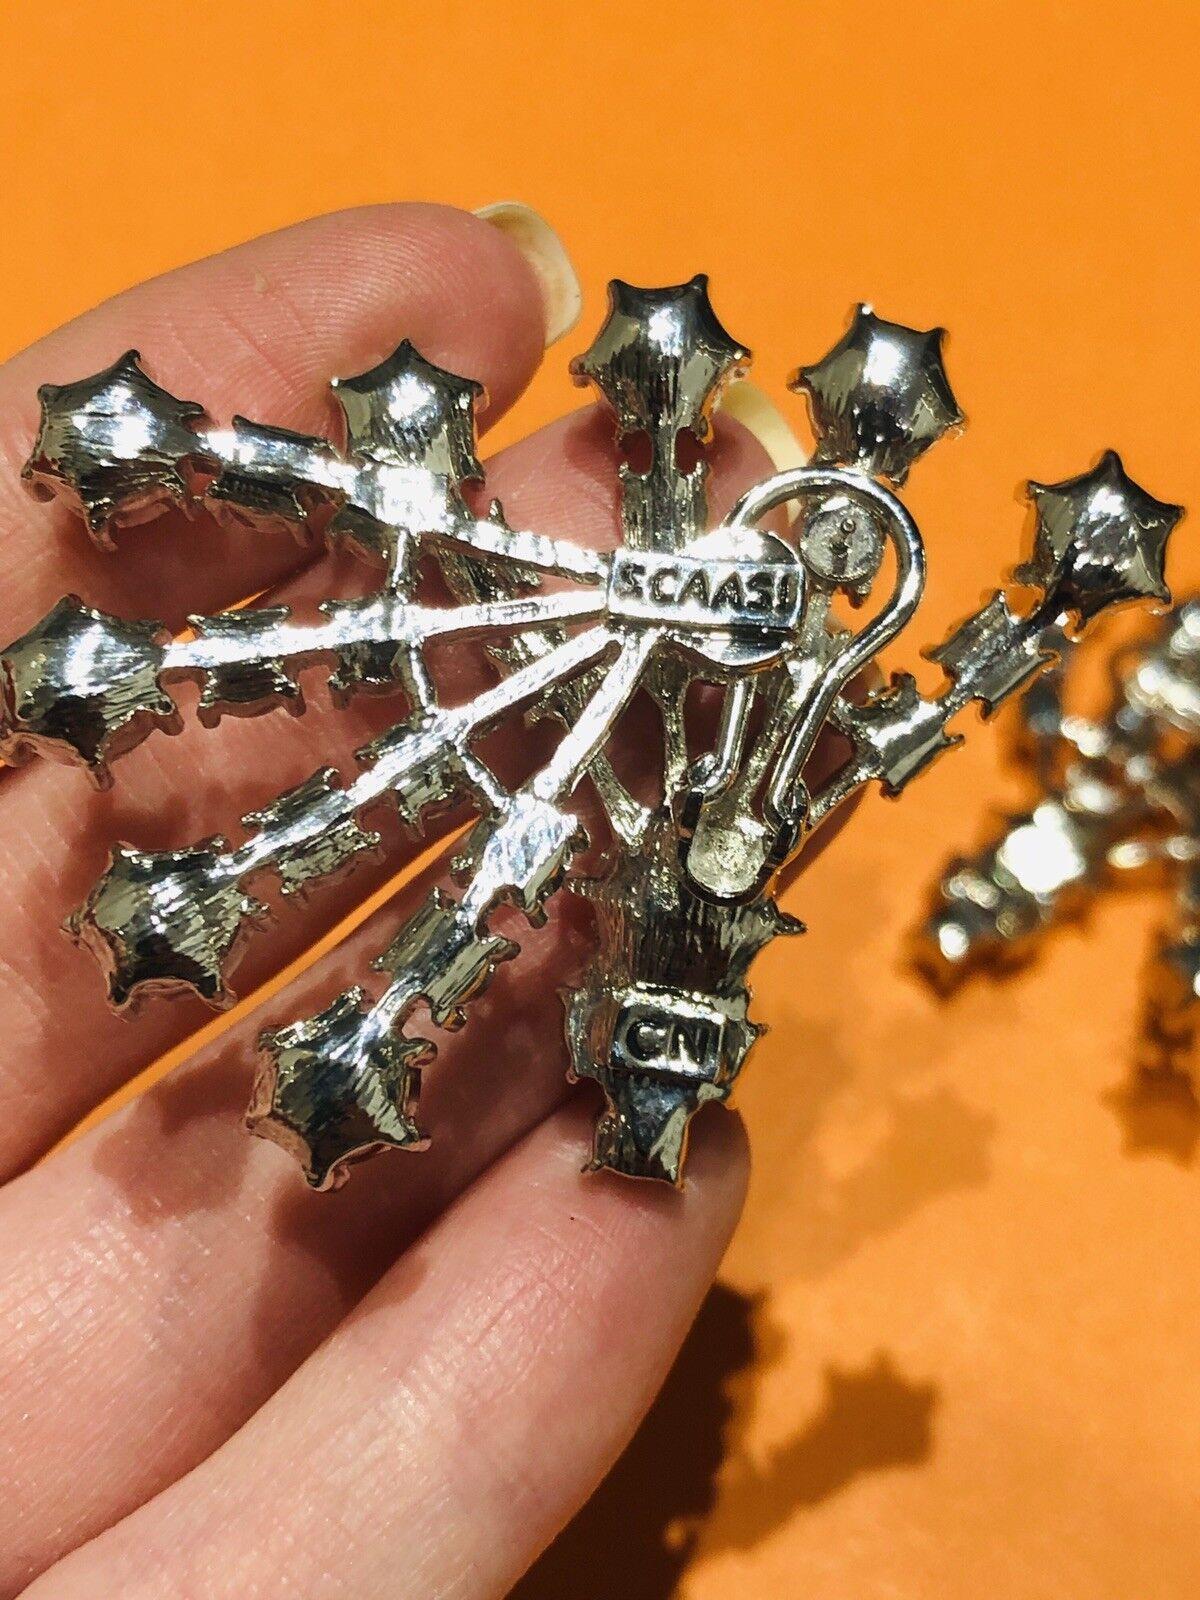 Arnold Scaasi Silver Tone Crystal Fan Earrings - image 5